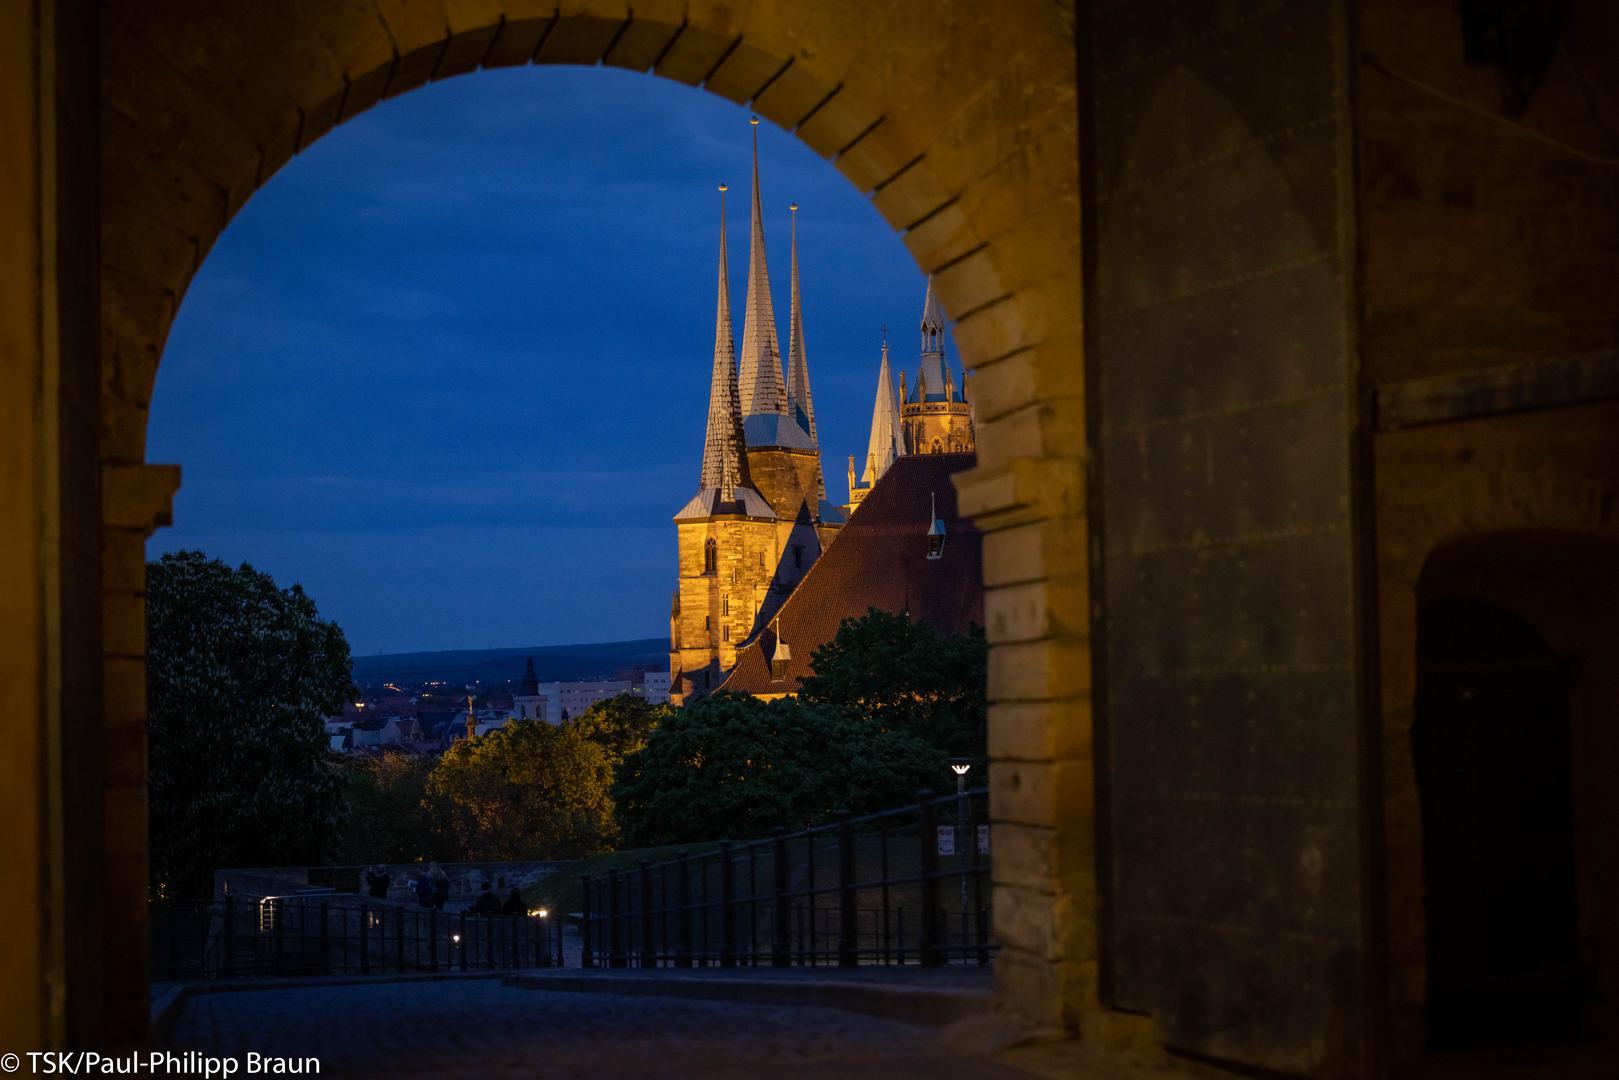 Blick auf Dom und Severi durch das Tor der Zitadelle Petersberg